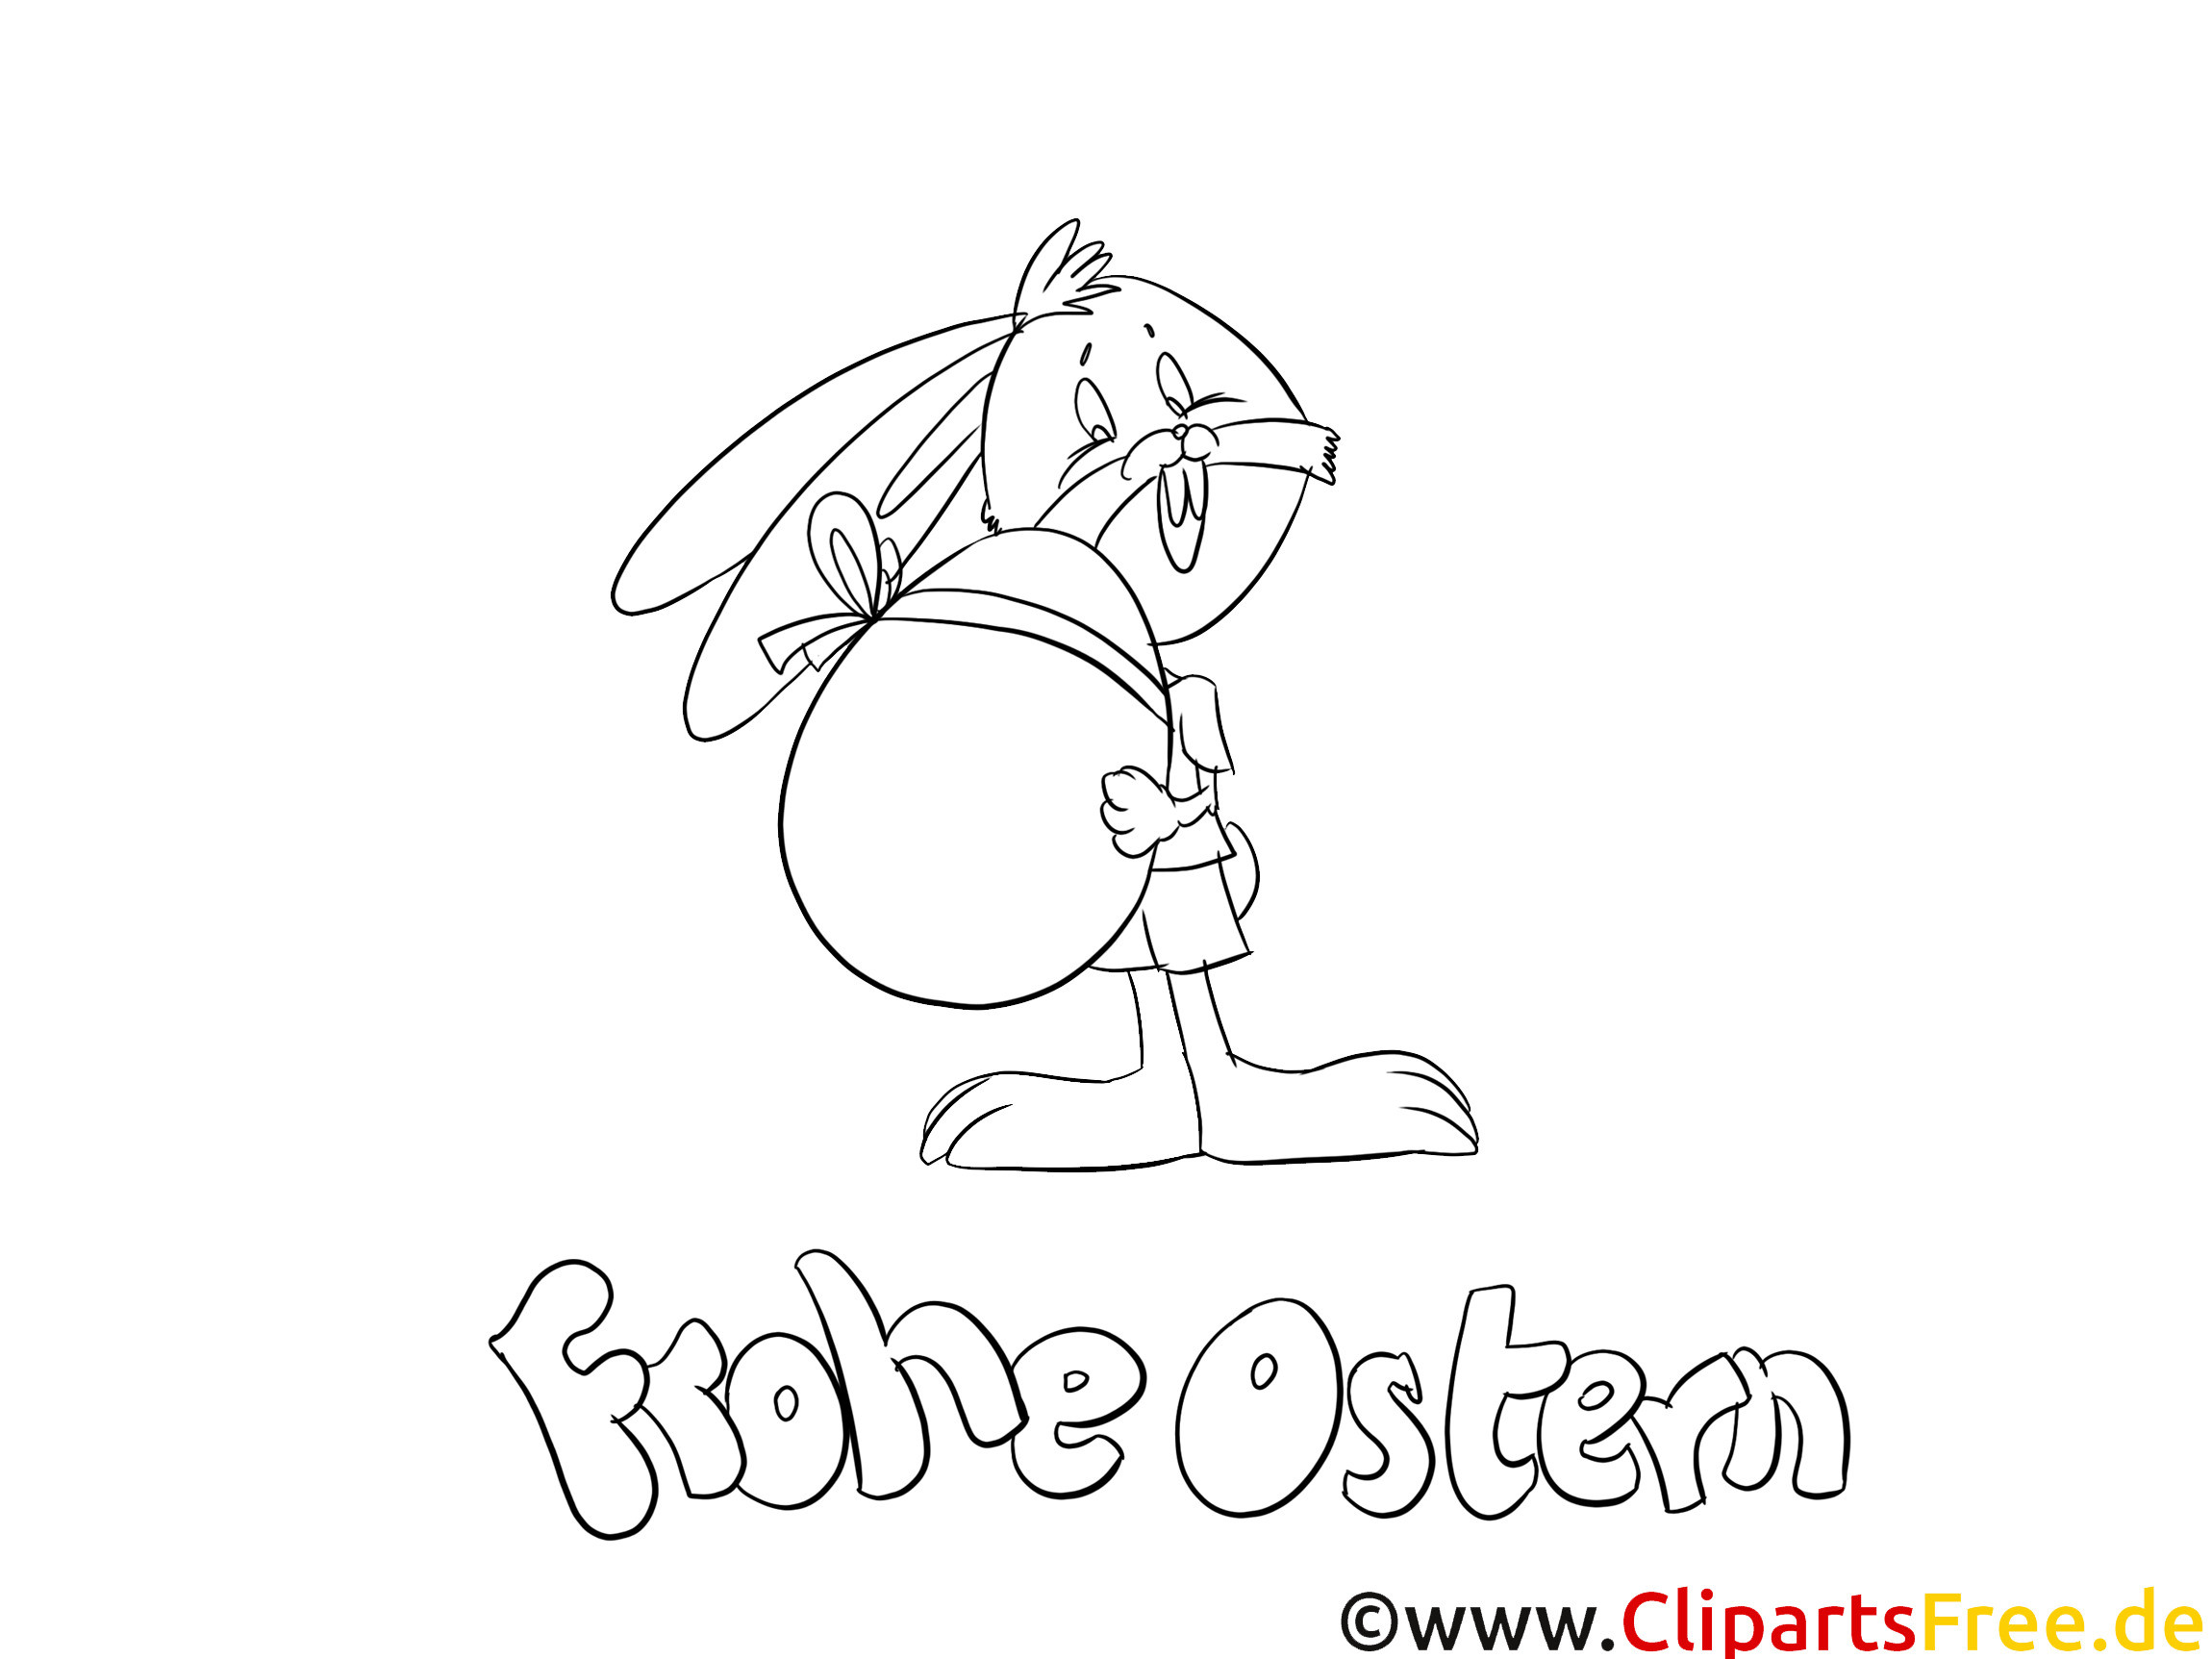 Ausmalbilder Ostern Hase Neu Ausmalbilder Weihnachten Schneemann Luxus Igel Grundschule 0d Schön Bild